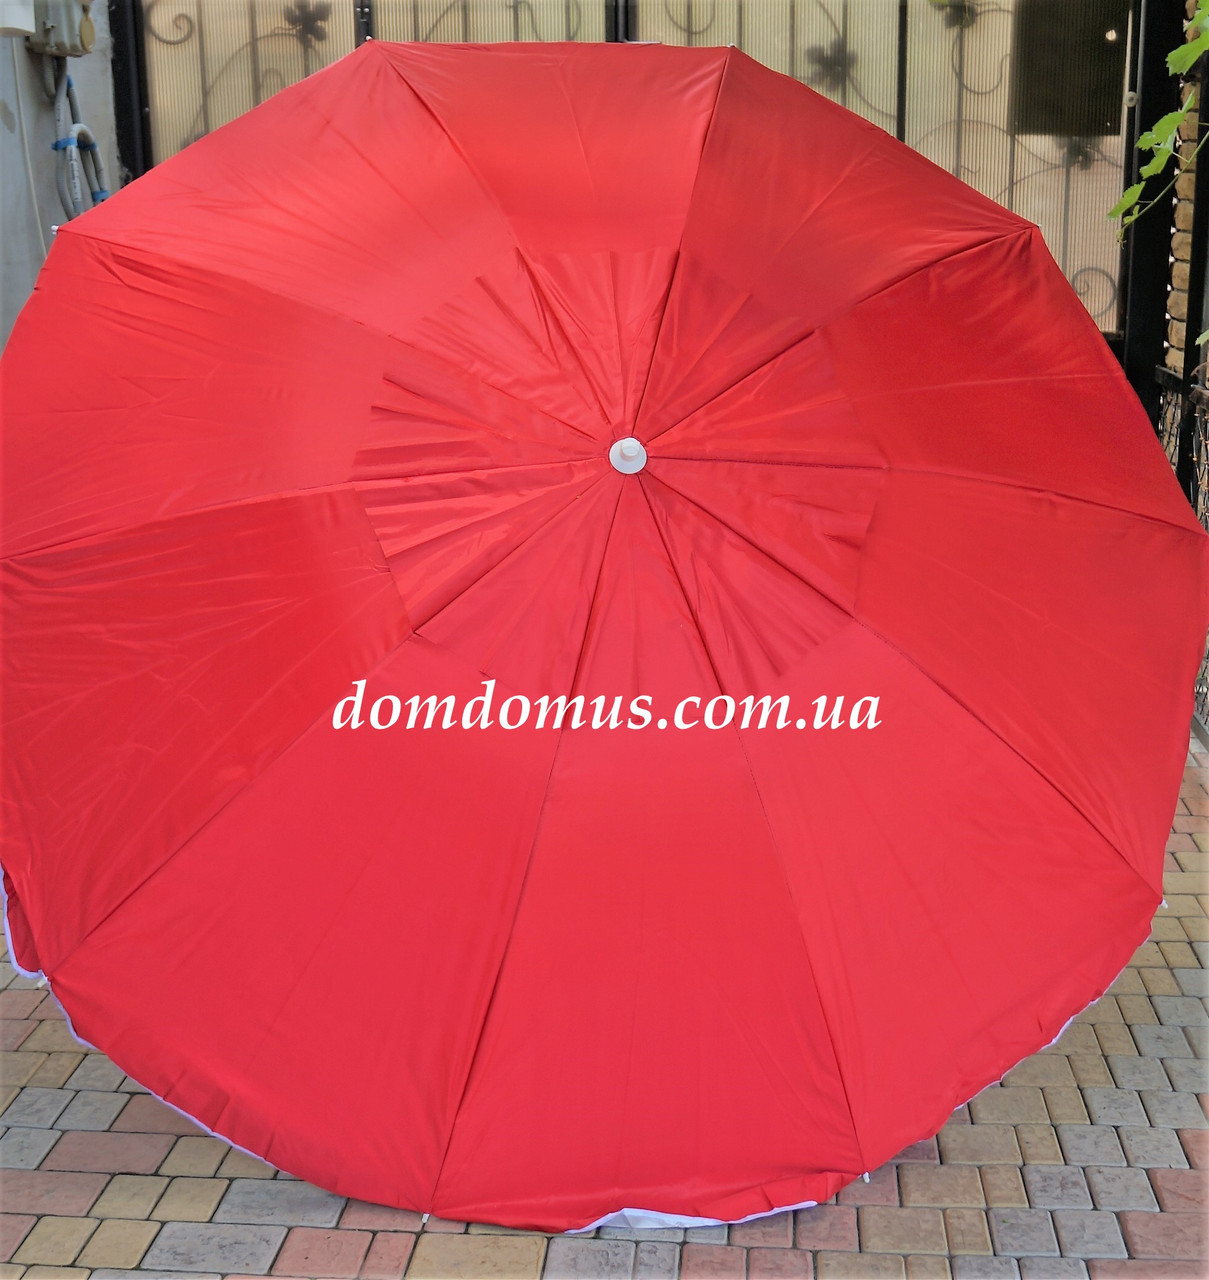 Зонтик пляжный белый 180 см, Турция